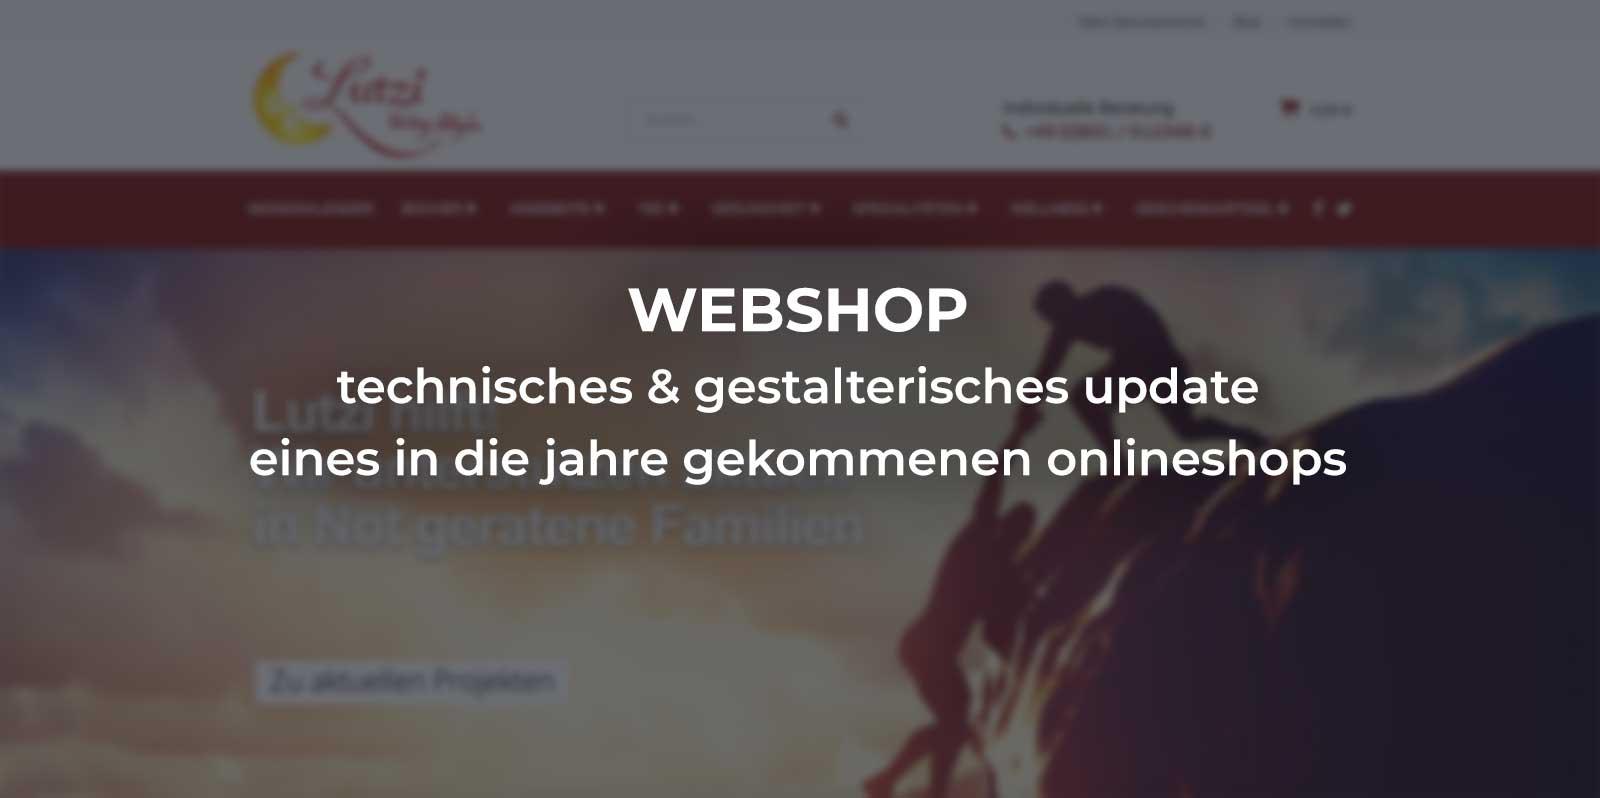 web-xplosion - webdesign webshop-onlineshop-existenzgruender-geschaeftsidee-startups München Mühldorf Burghausen Waldkraiburg Rosenheim Traunstein Chiemgau